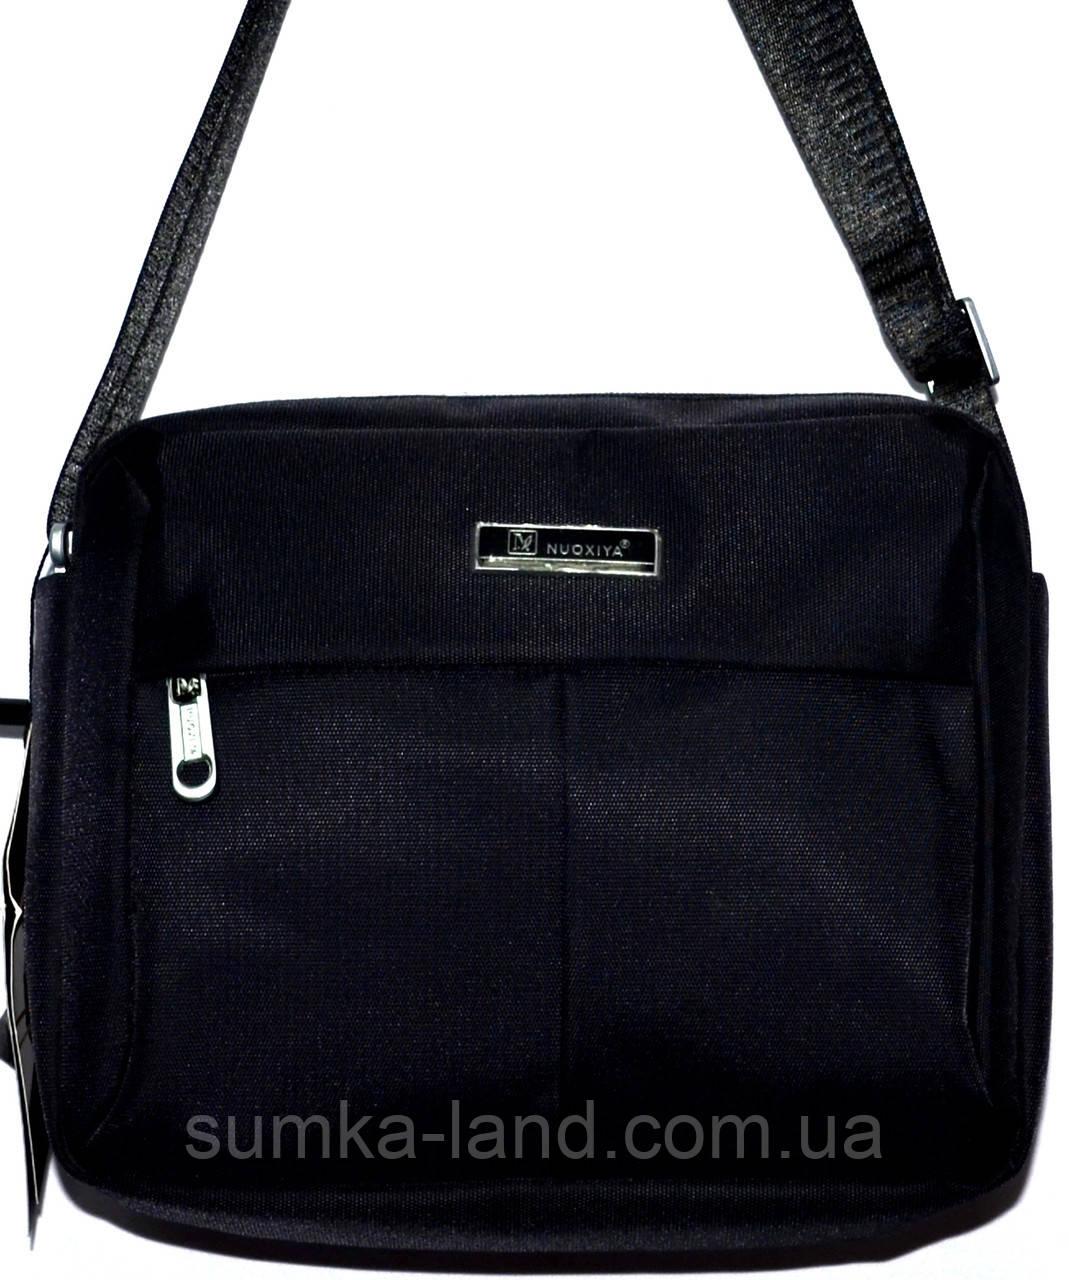 30ffa7d968a2 Производитель: Китай материал: текстиль(качественный) размеры: 20х23см тип:  барсетка\сумка на плечо